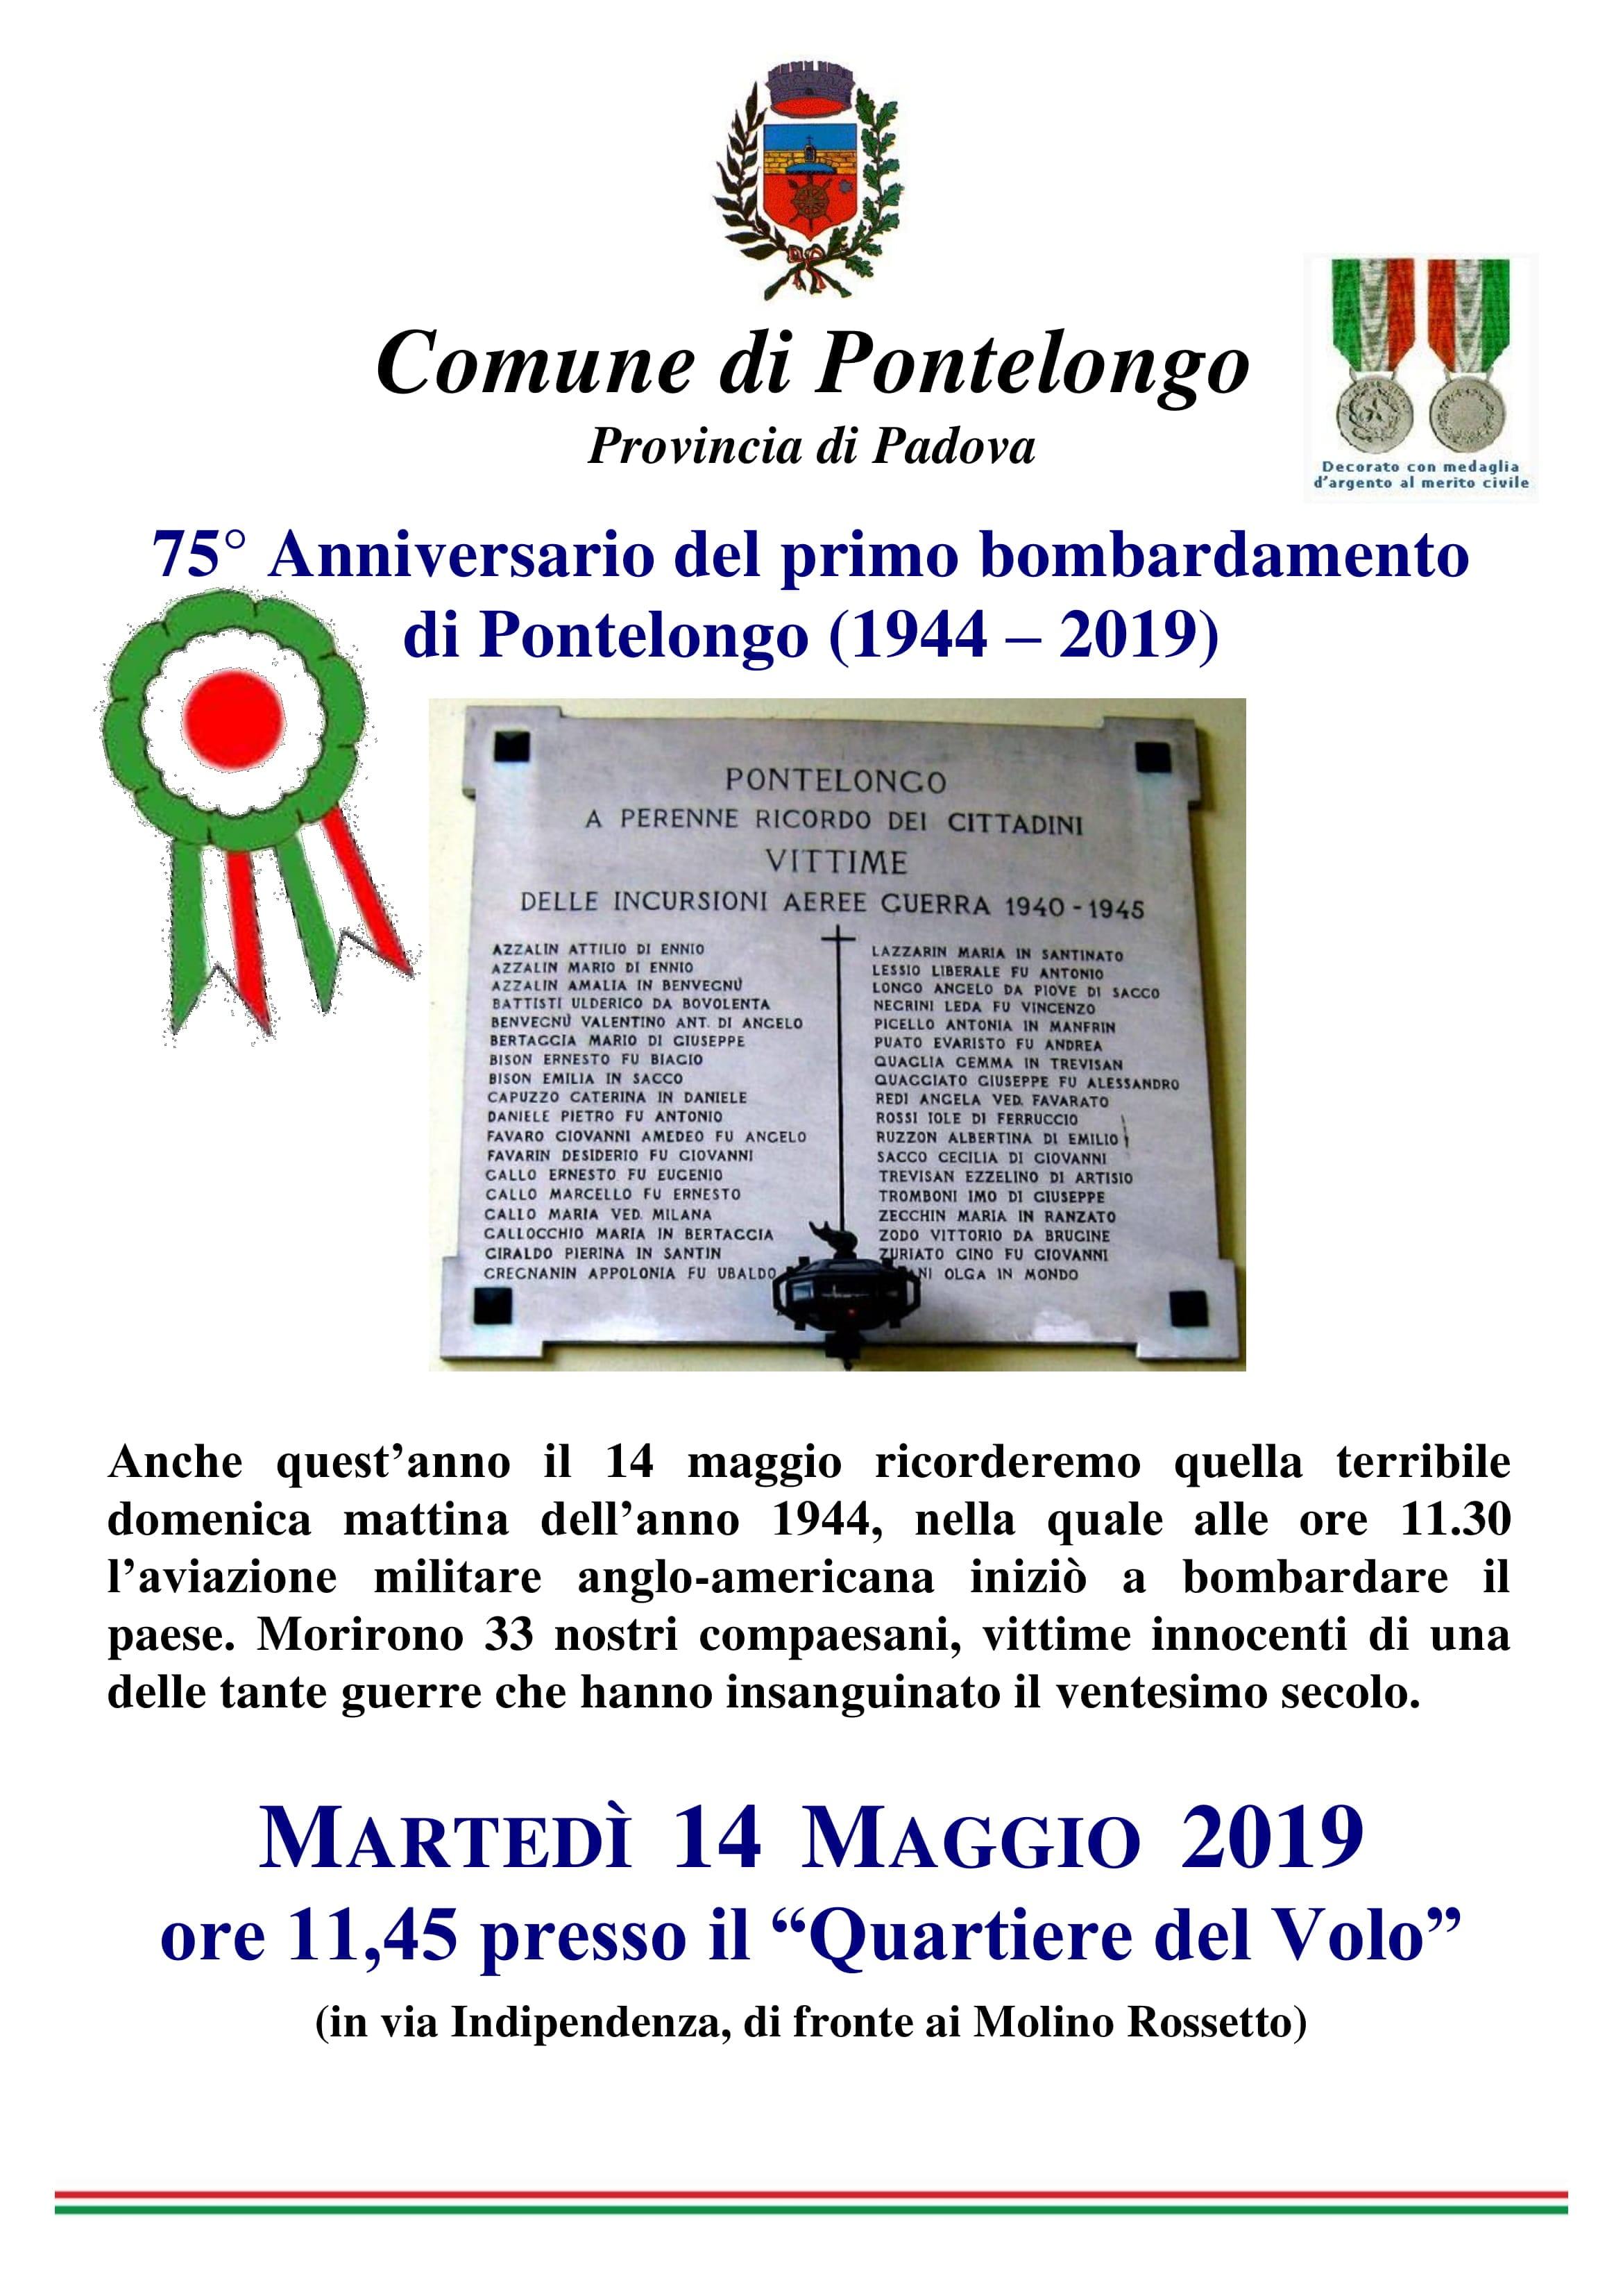 75° Anniversario del primo bombardamento di Pontelongo (1944